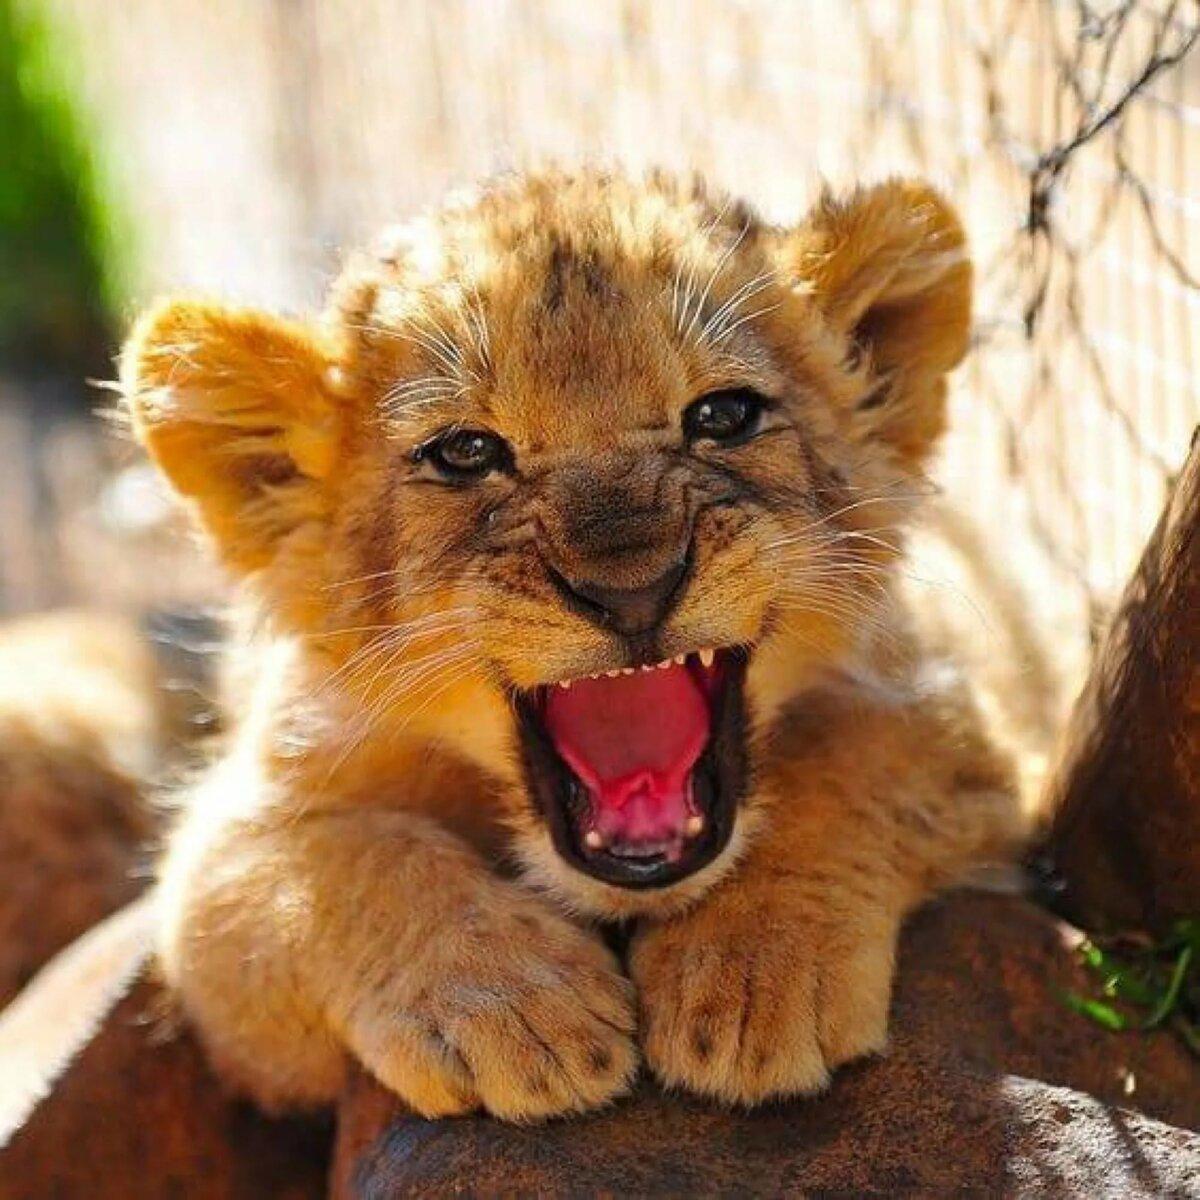 Львенок улыбается картинка